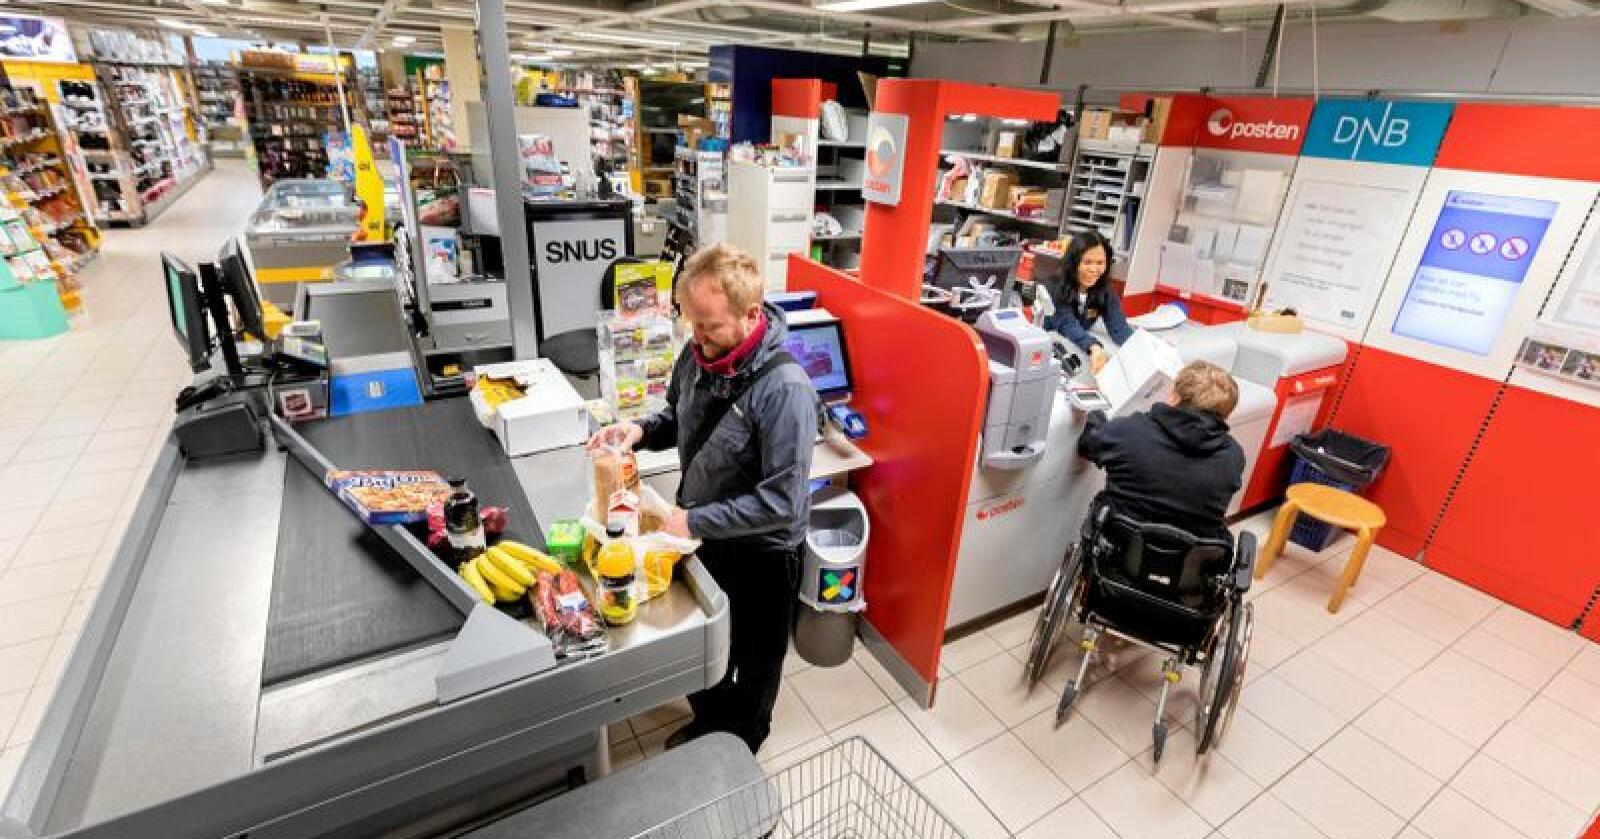 Matprisar: Dei siste 12 månadane har matprisane berre auka med 0,4 prosent, mot den generelle prisveksten på 2,6 prosent. Foto: Gorm Kallestad / NTB scanpix/ NPK